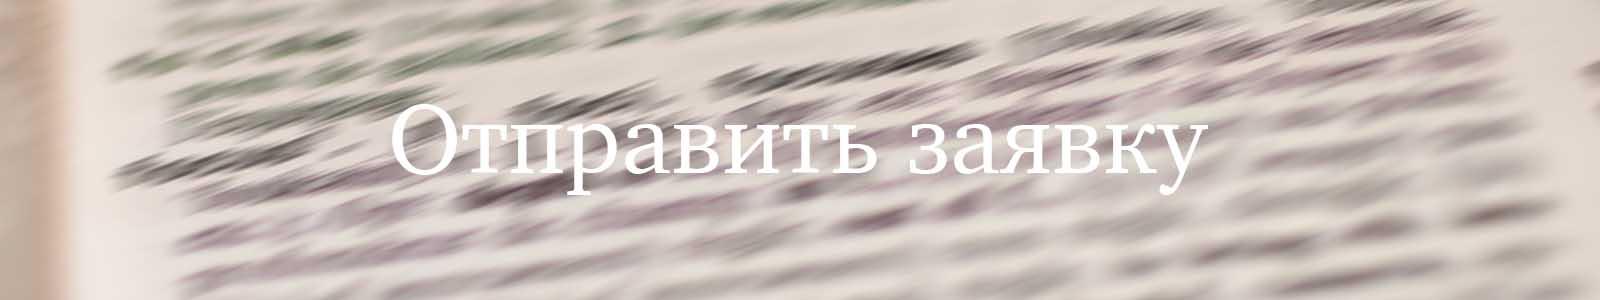 Перевод научных статей